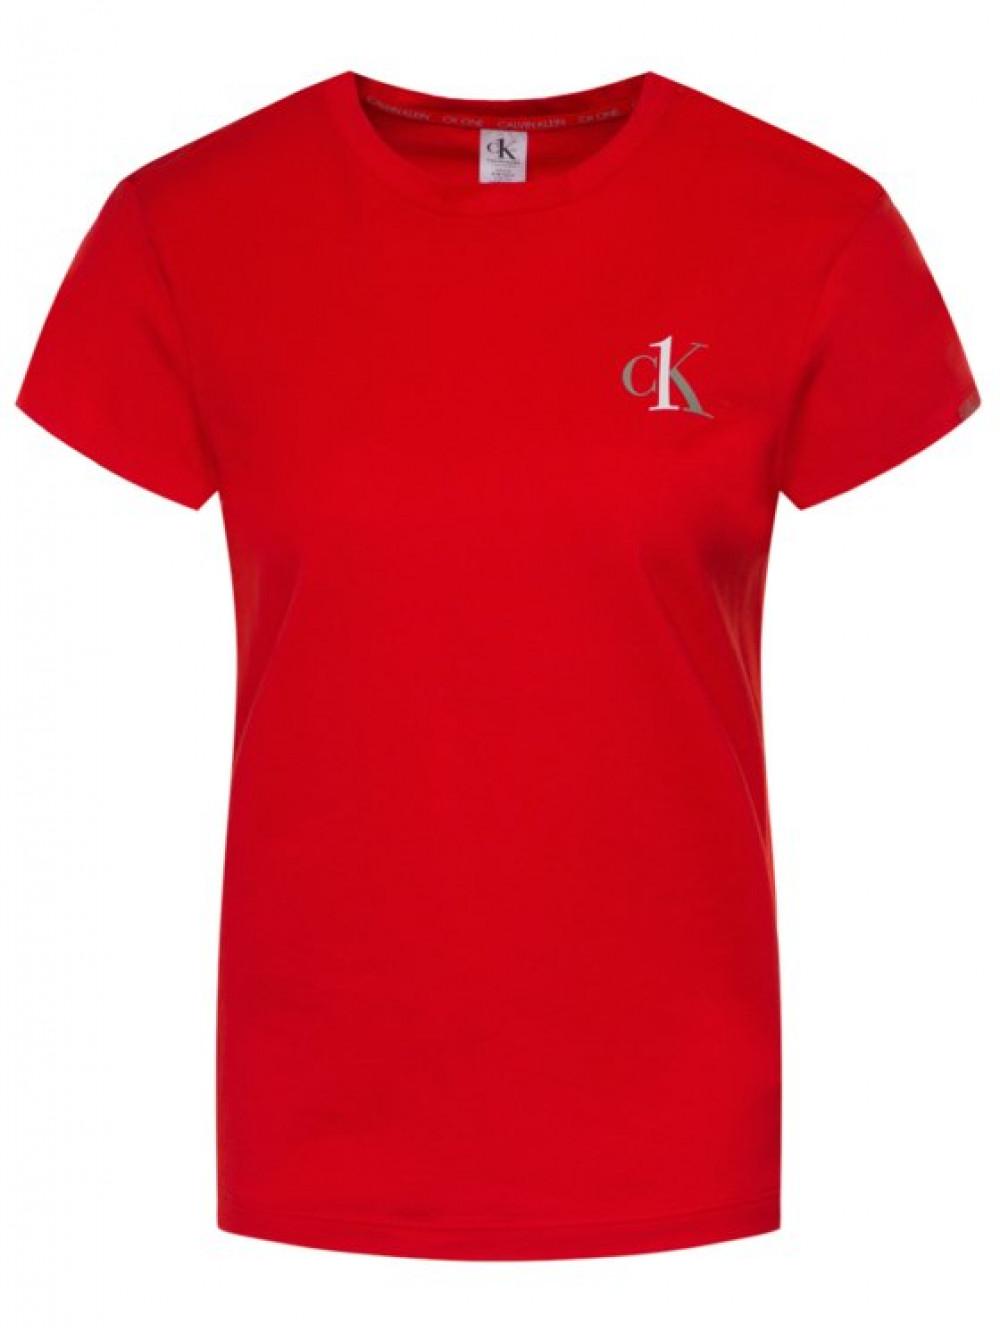 Damen T-Shirt Calvin Klein CK ONE SS Crew Neck Rot